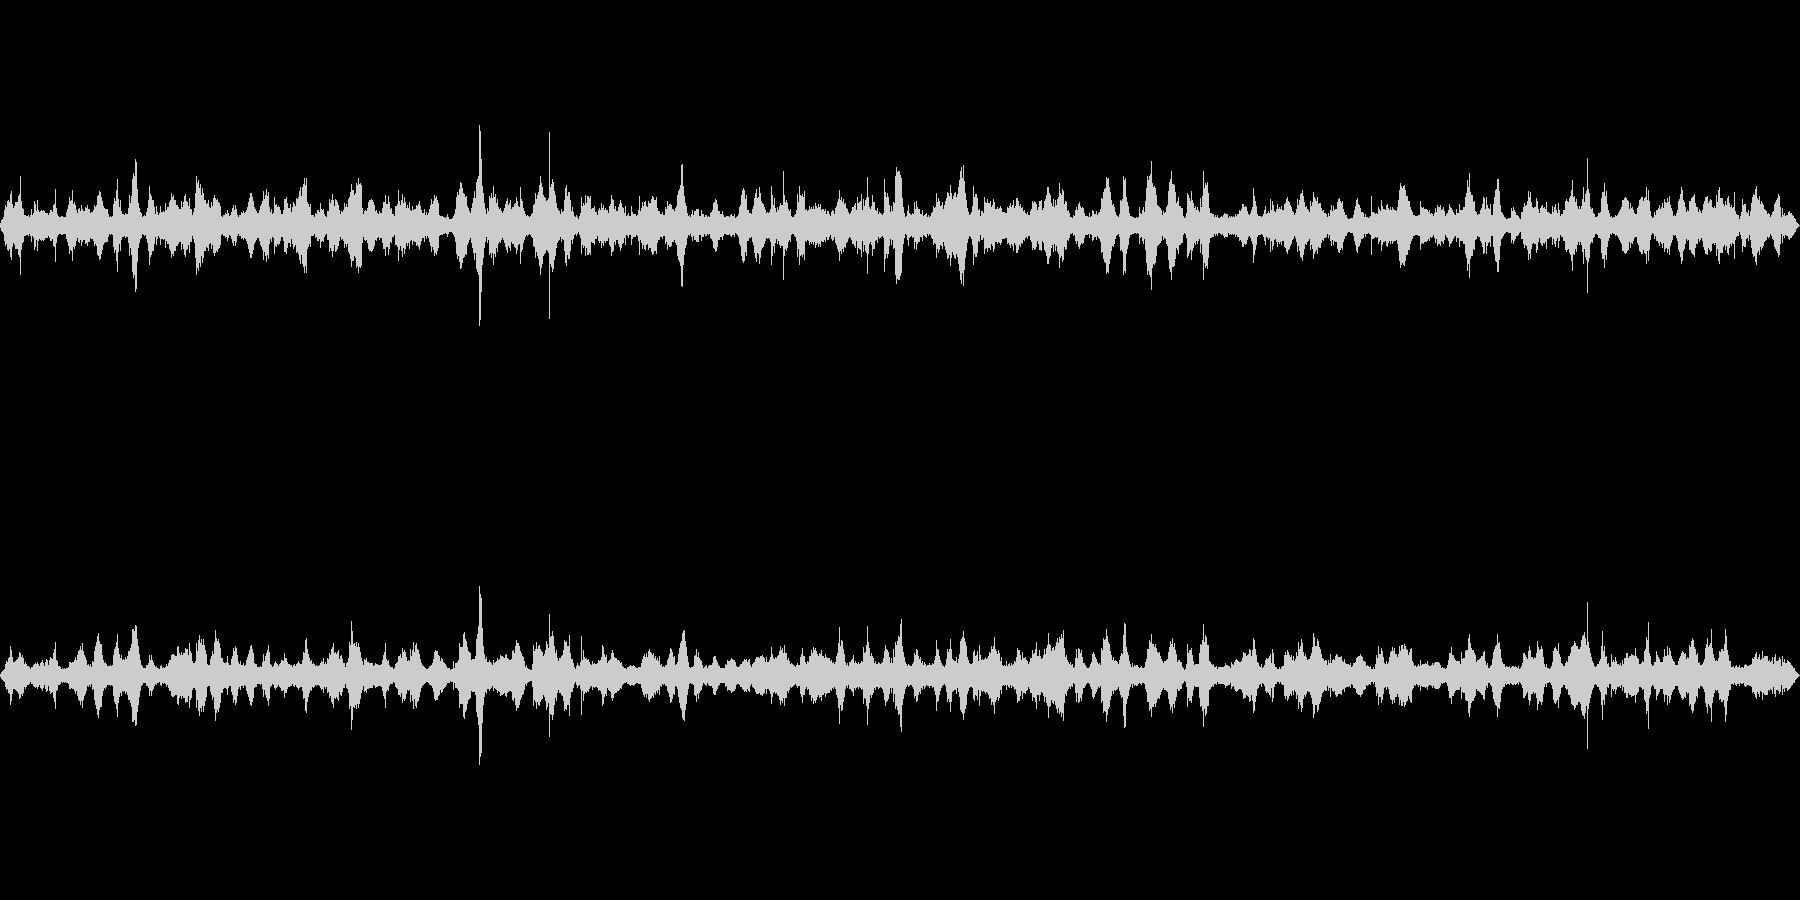 波の音~断続的な波1~砂浜~沖縄【生録】の未再生の波形